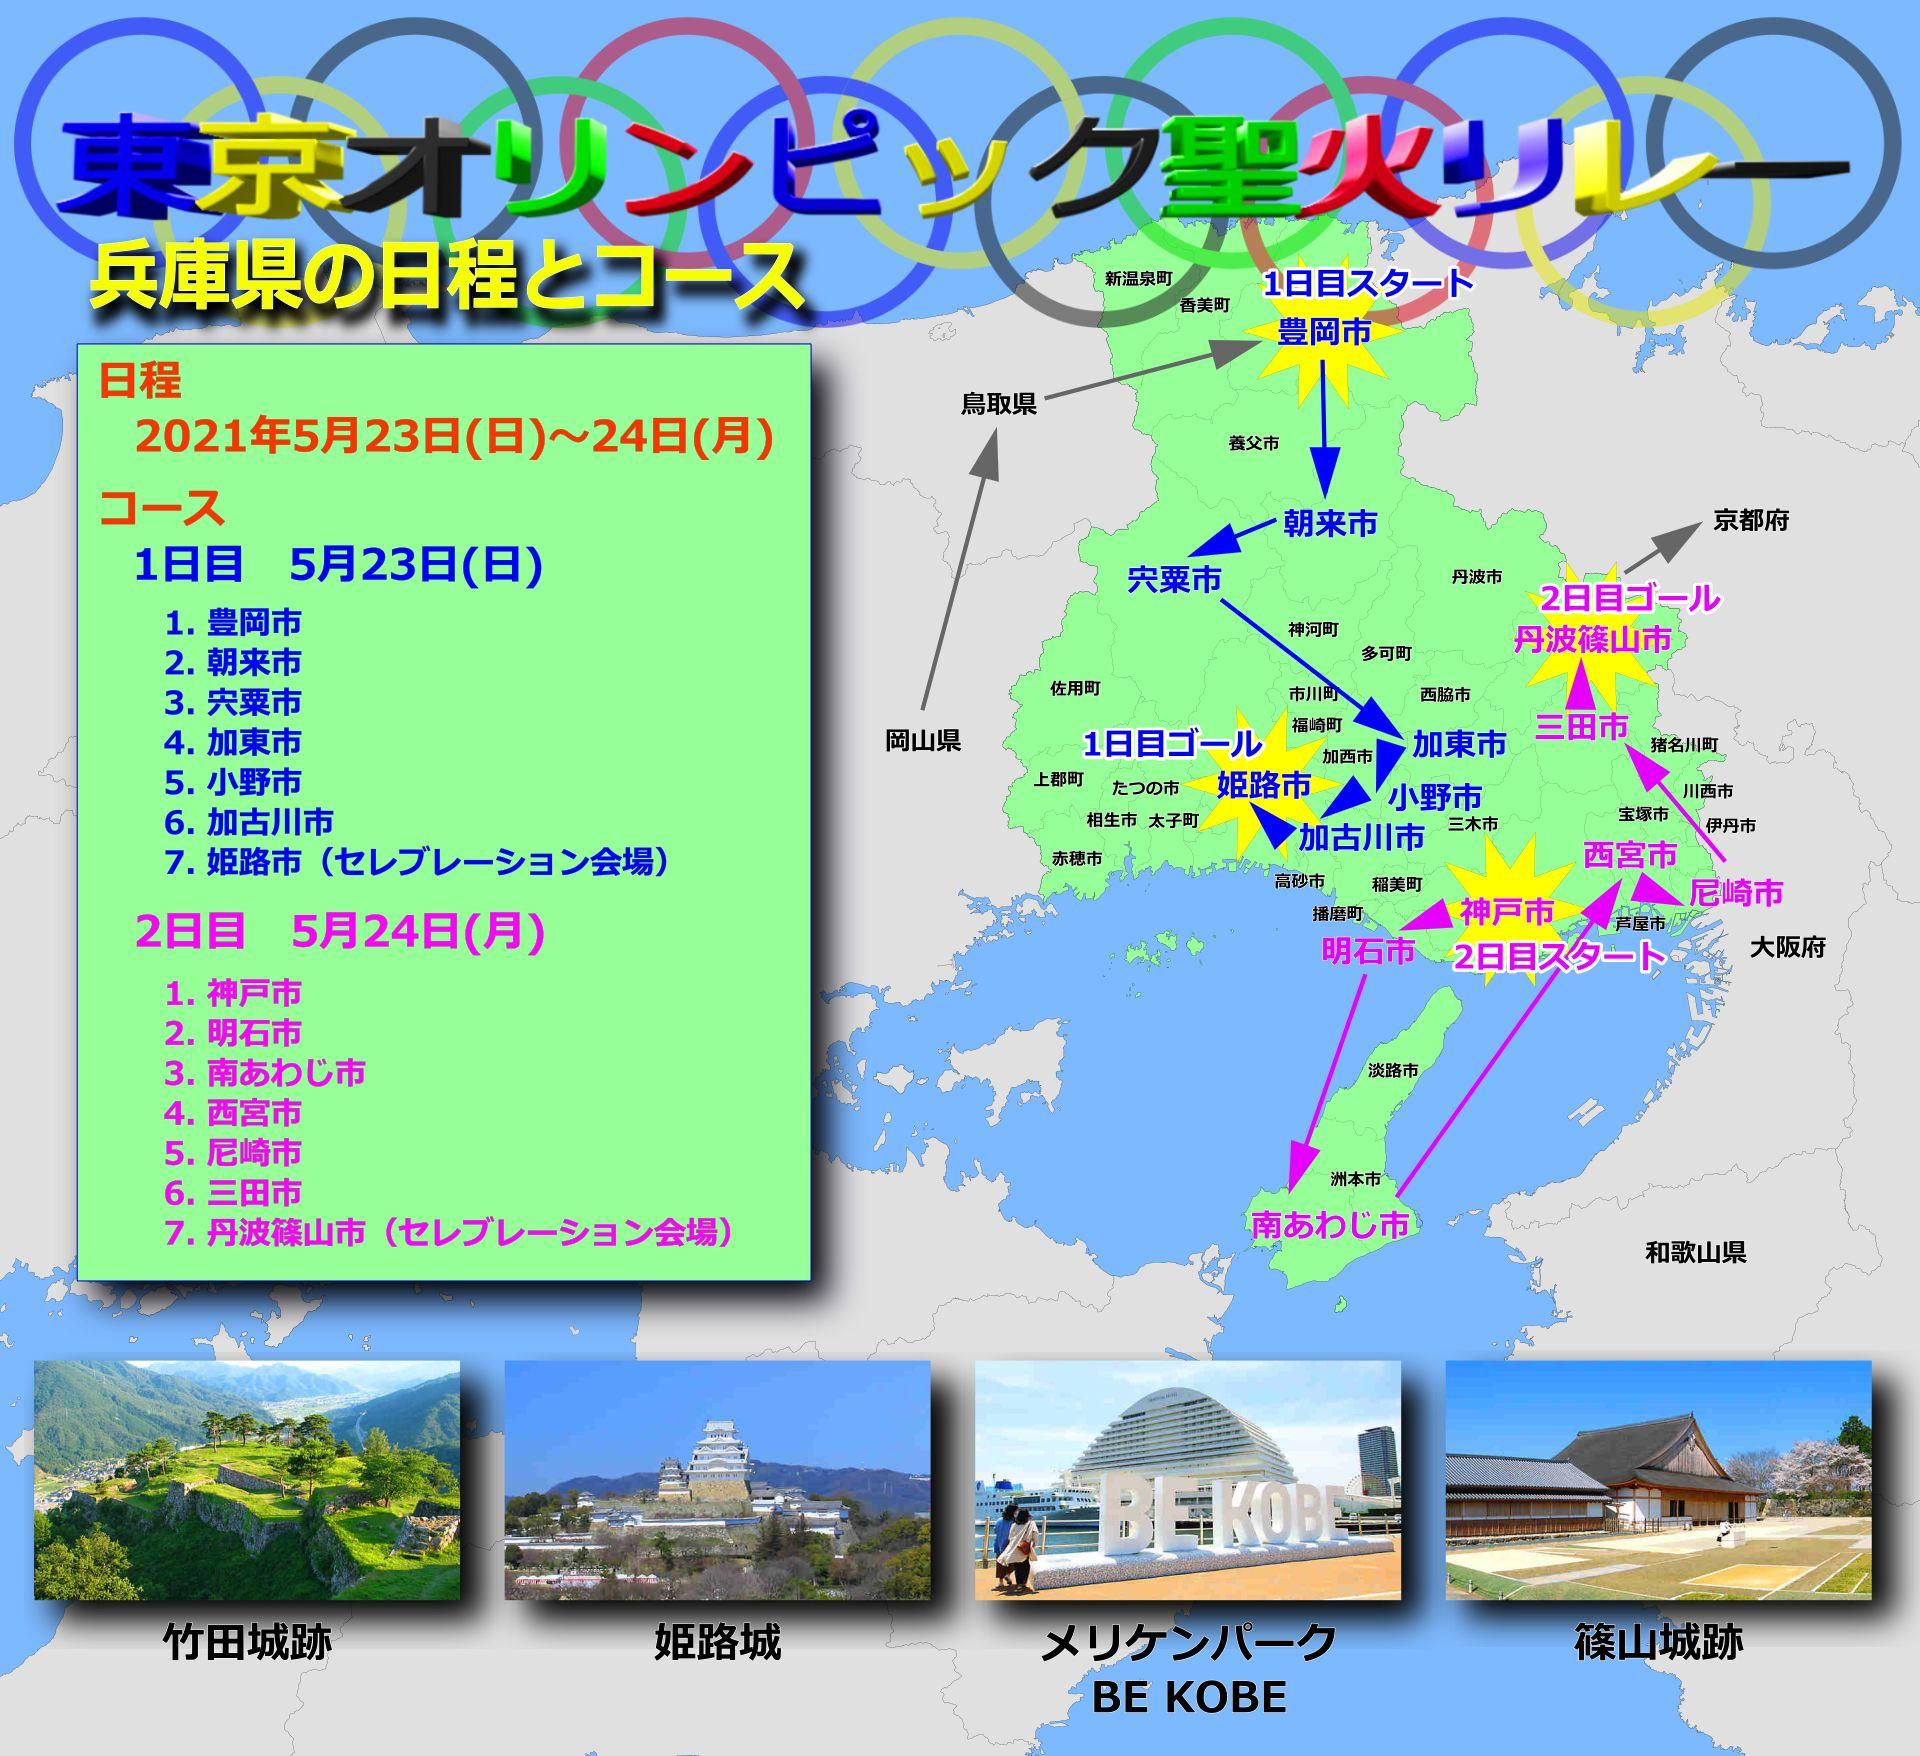 兵庫県聖火リレー